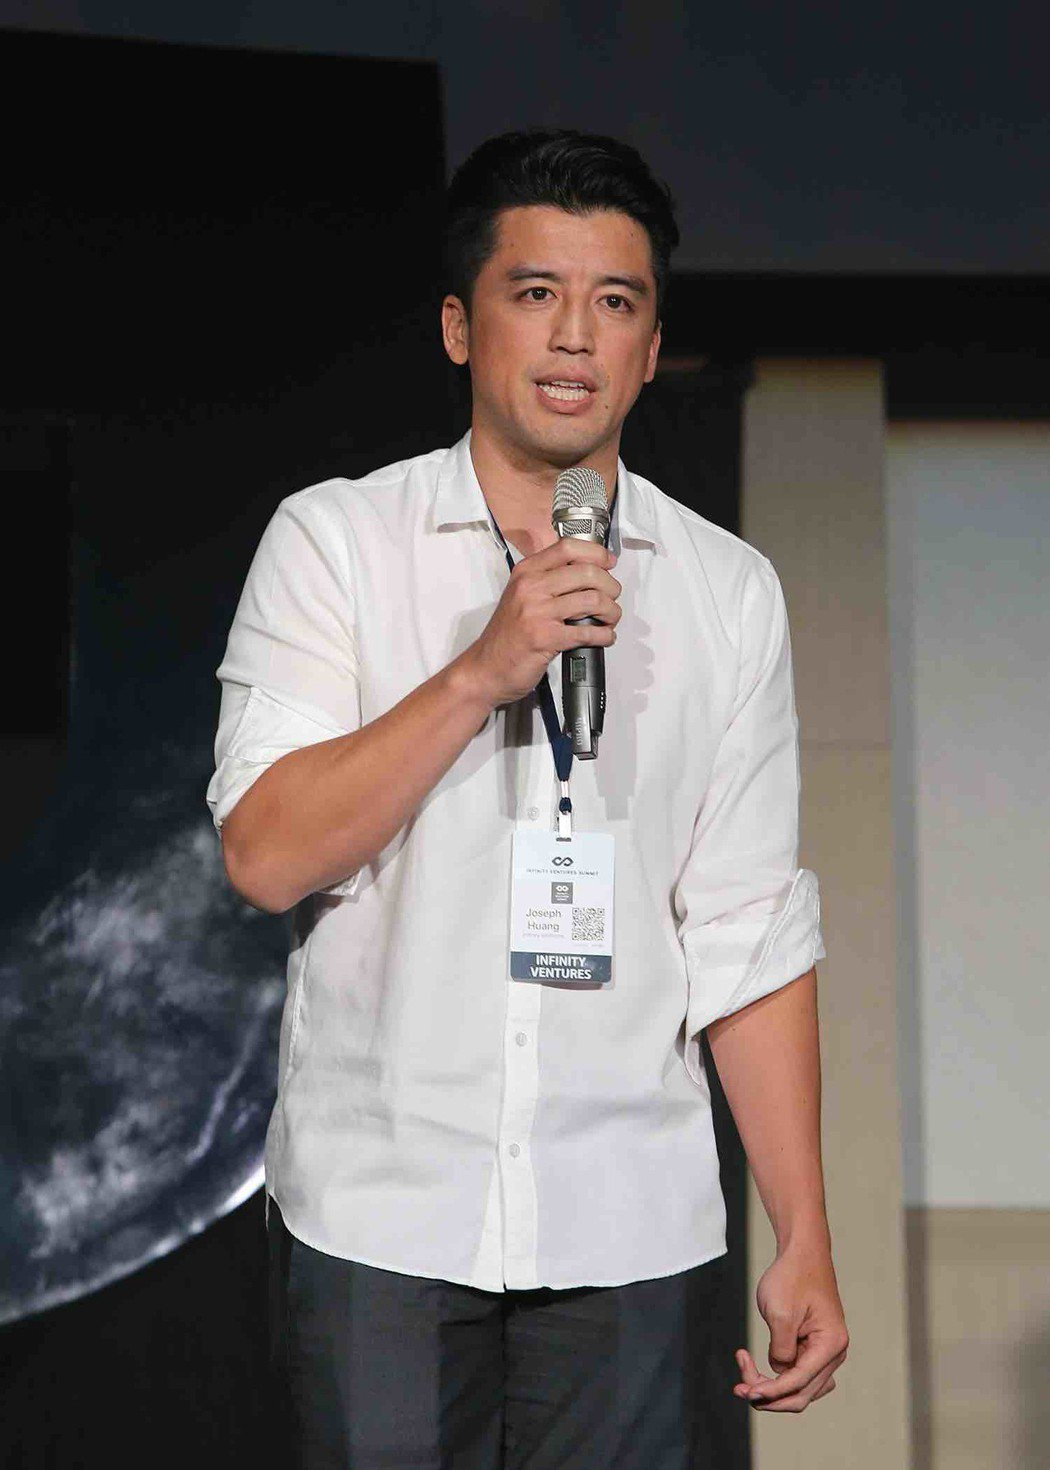 血液中存在創業DNA,黃立安誓言將台灣新創帶上國際舞台。 IVP/提供